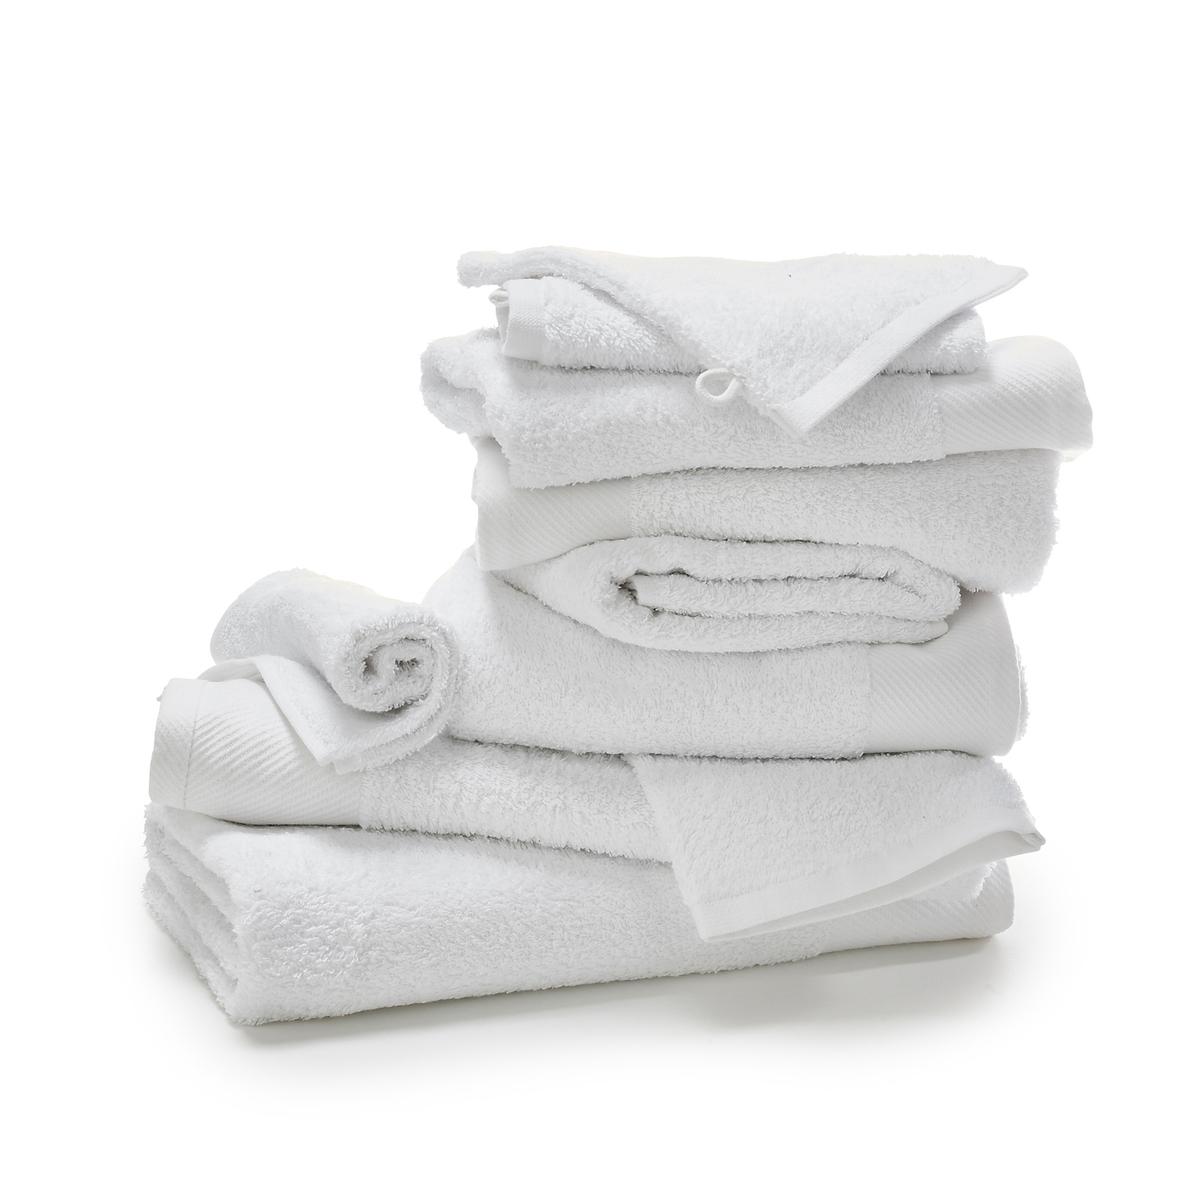 Комплект банный из 10 предметов из махровой тканиБанный комплект из 10 предметов из мягкой и плотной махровой ткани, 500 г, незаменим, если Вы хотите запастись полотенцами или обновить старые !Состав и детали банного комплекта из 10 предметов из махровой ткани: 2 банных полотенца + 4 полотенца + 2 гостевых полотенца + 2 банных рукавички   Материал:  100% хлопок 500 г/м2Drap de bain : разм 70 x 140 см Банное полотенце: разм 50 x 100 см Гостевое полотенце: разм 40 x 40 см Банная рукавичка: разм 15 x 21 см Уход:Машинная стирка при 60° с изделиями схожих цветов.Машинная сушка.<br><br>Цвет: белый<br>Размер: единый размер